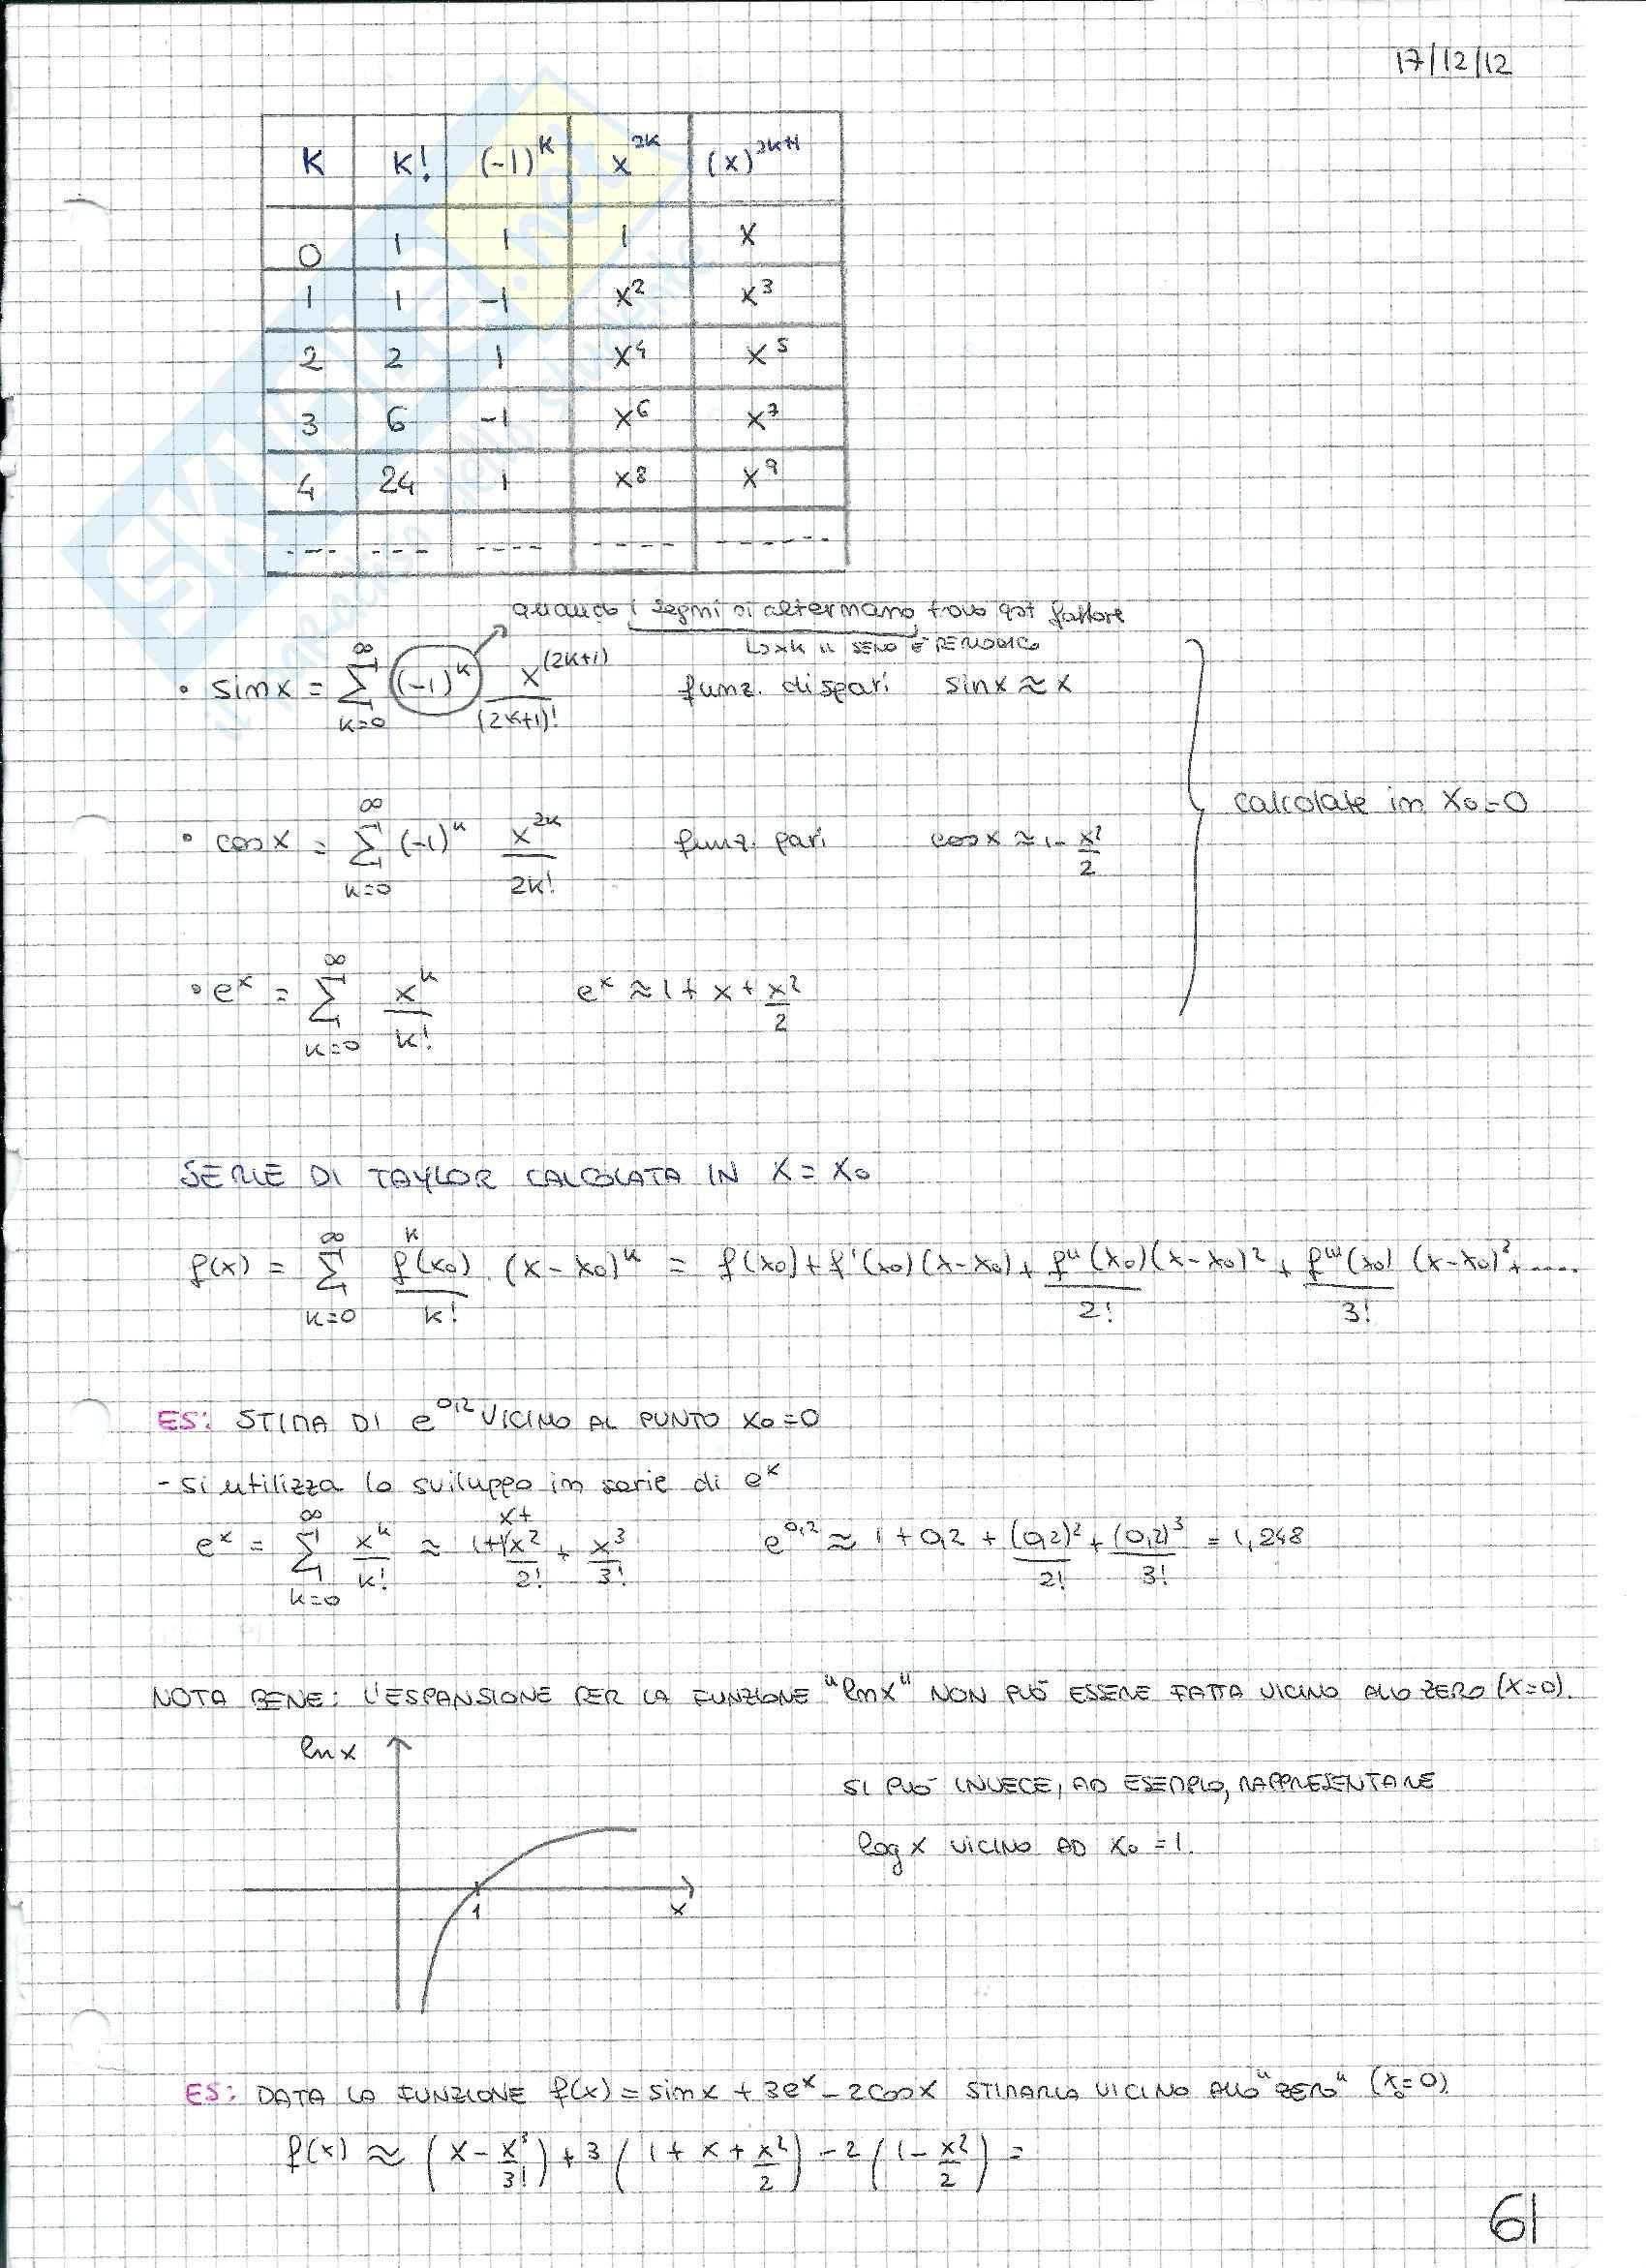 Matematica e statistica - Appunti secondo parziale Pag. 11